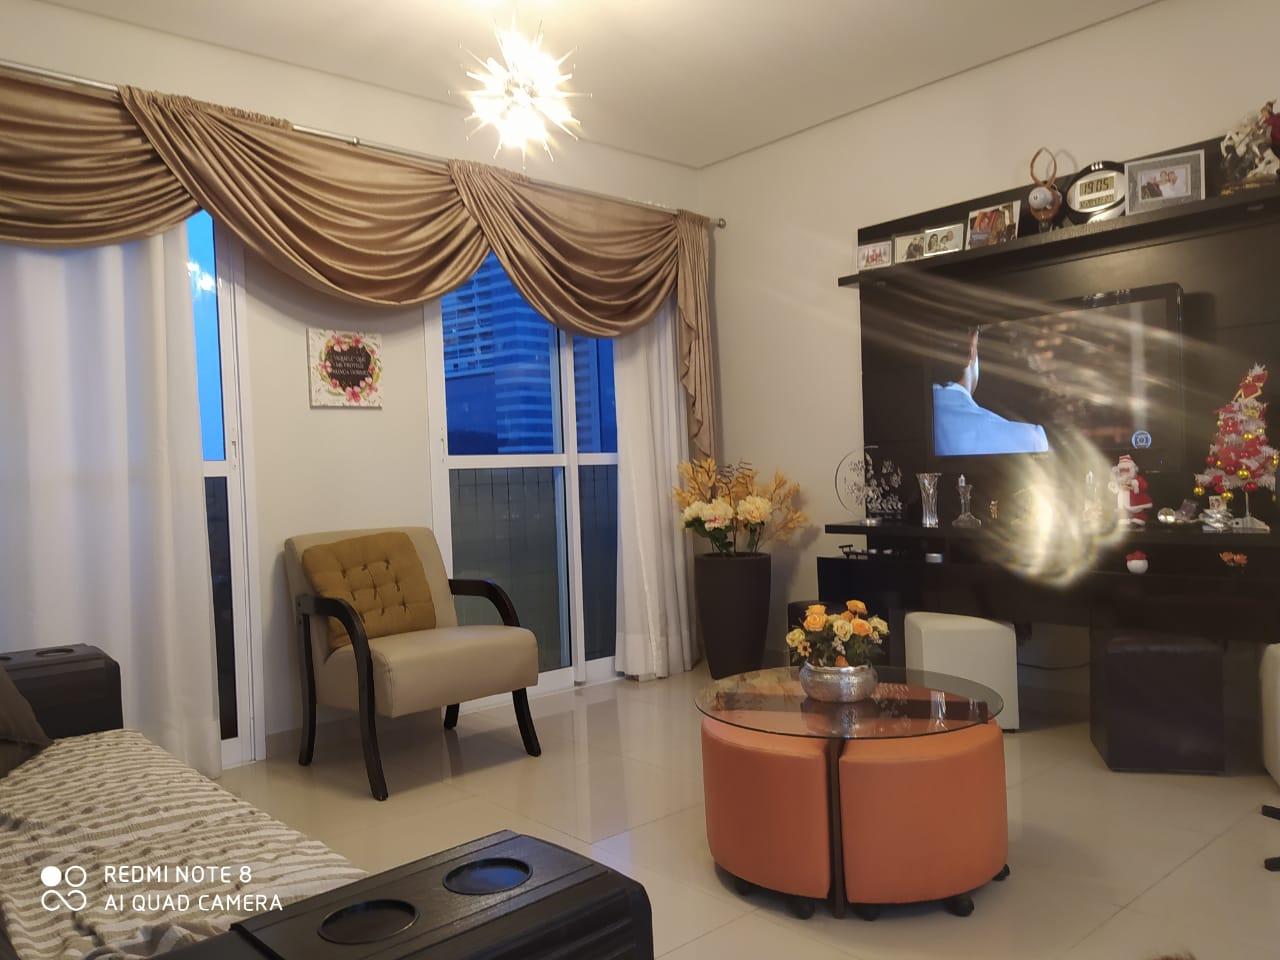 Ótimo apartamento no bairro da Aparecida com 3 suítes com armários , sala ampla 2 ambientes. - foto 26